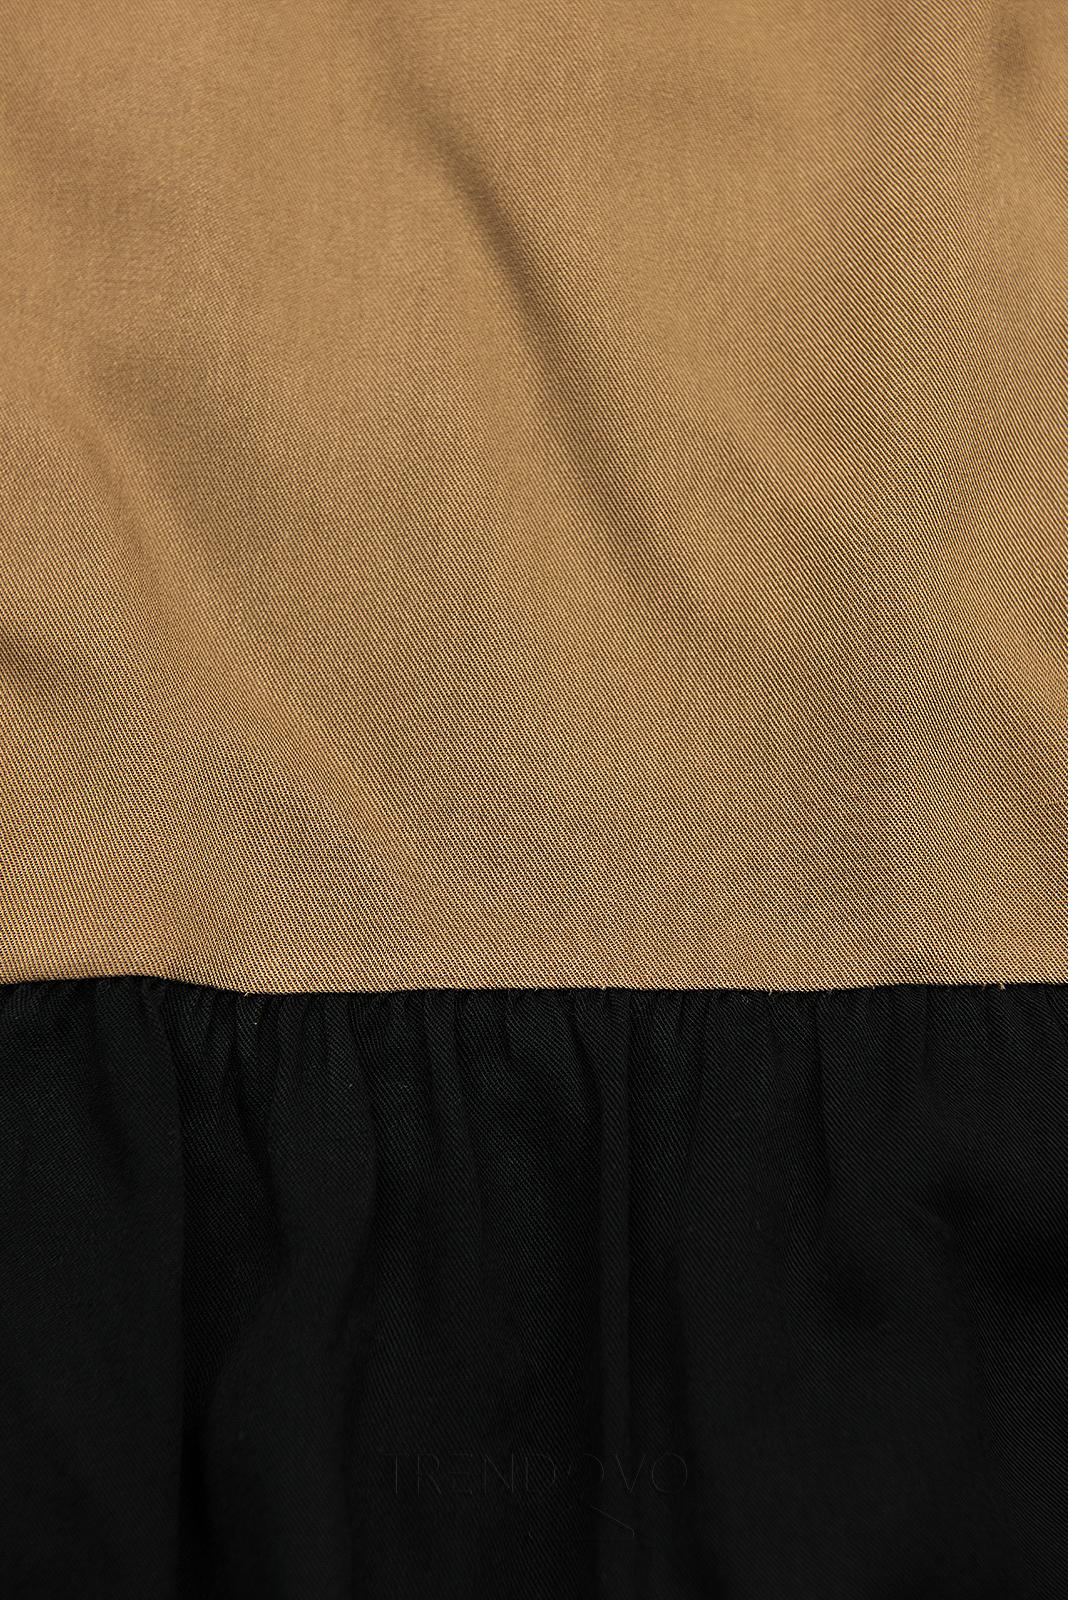 Letní šaty z viskózy bílá/hnědá/černá